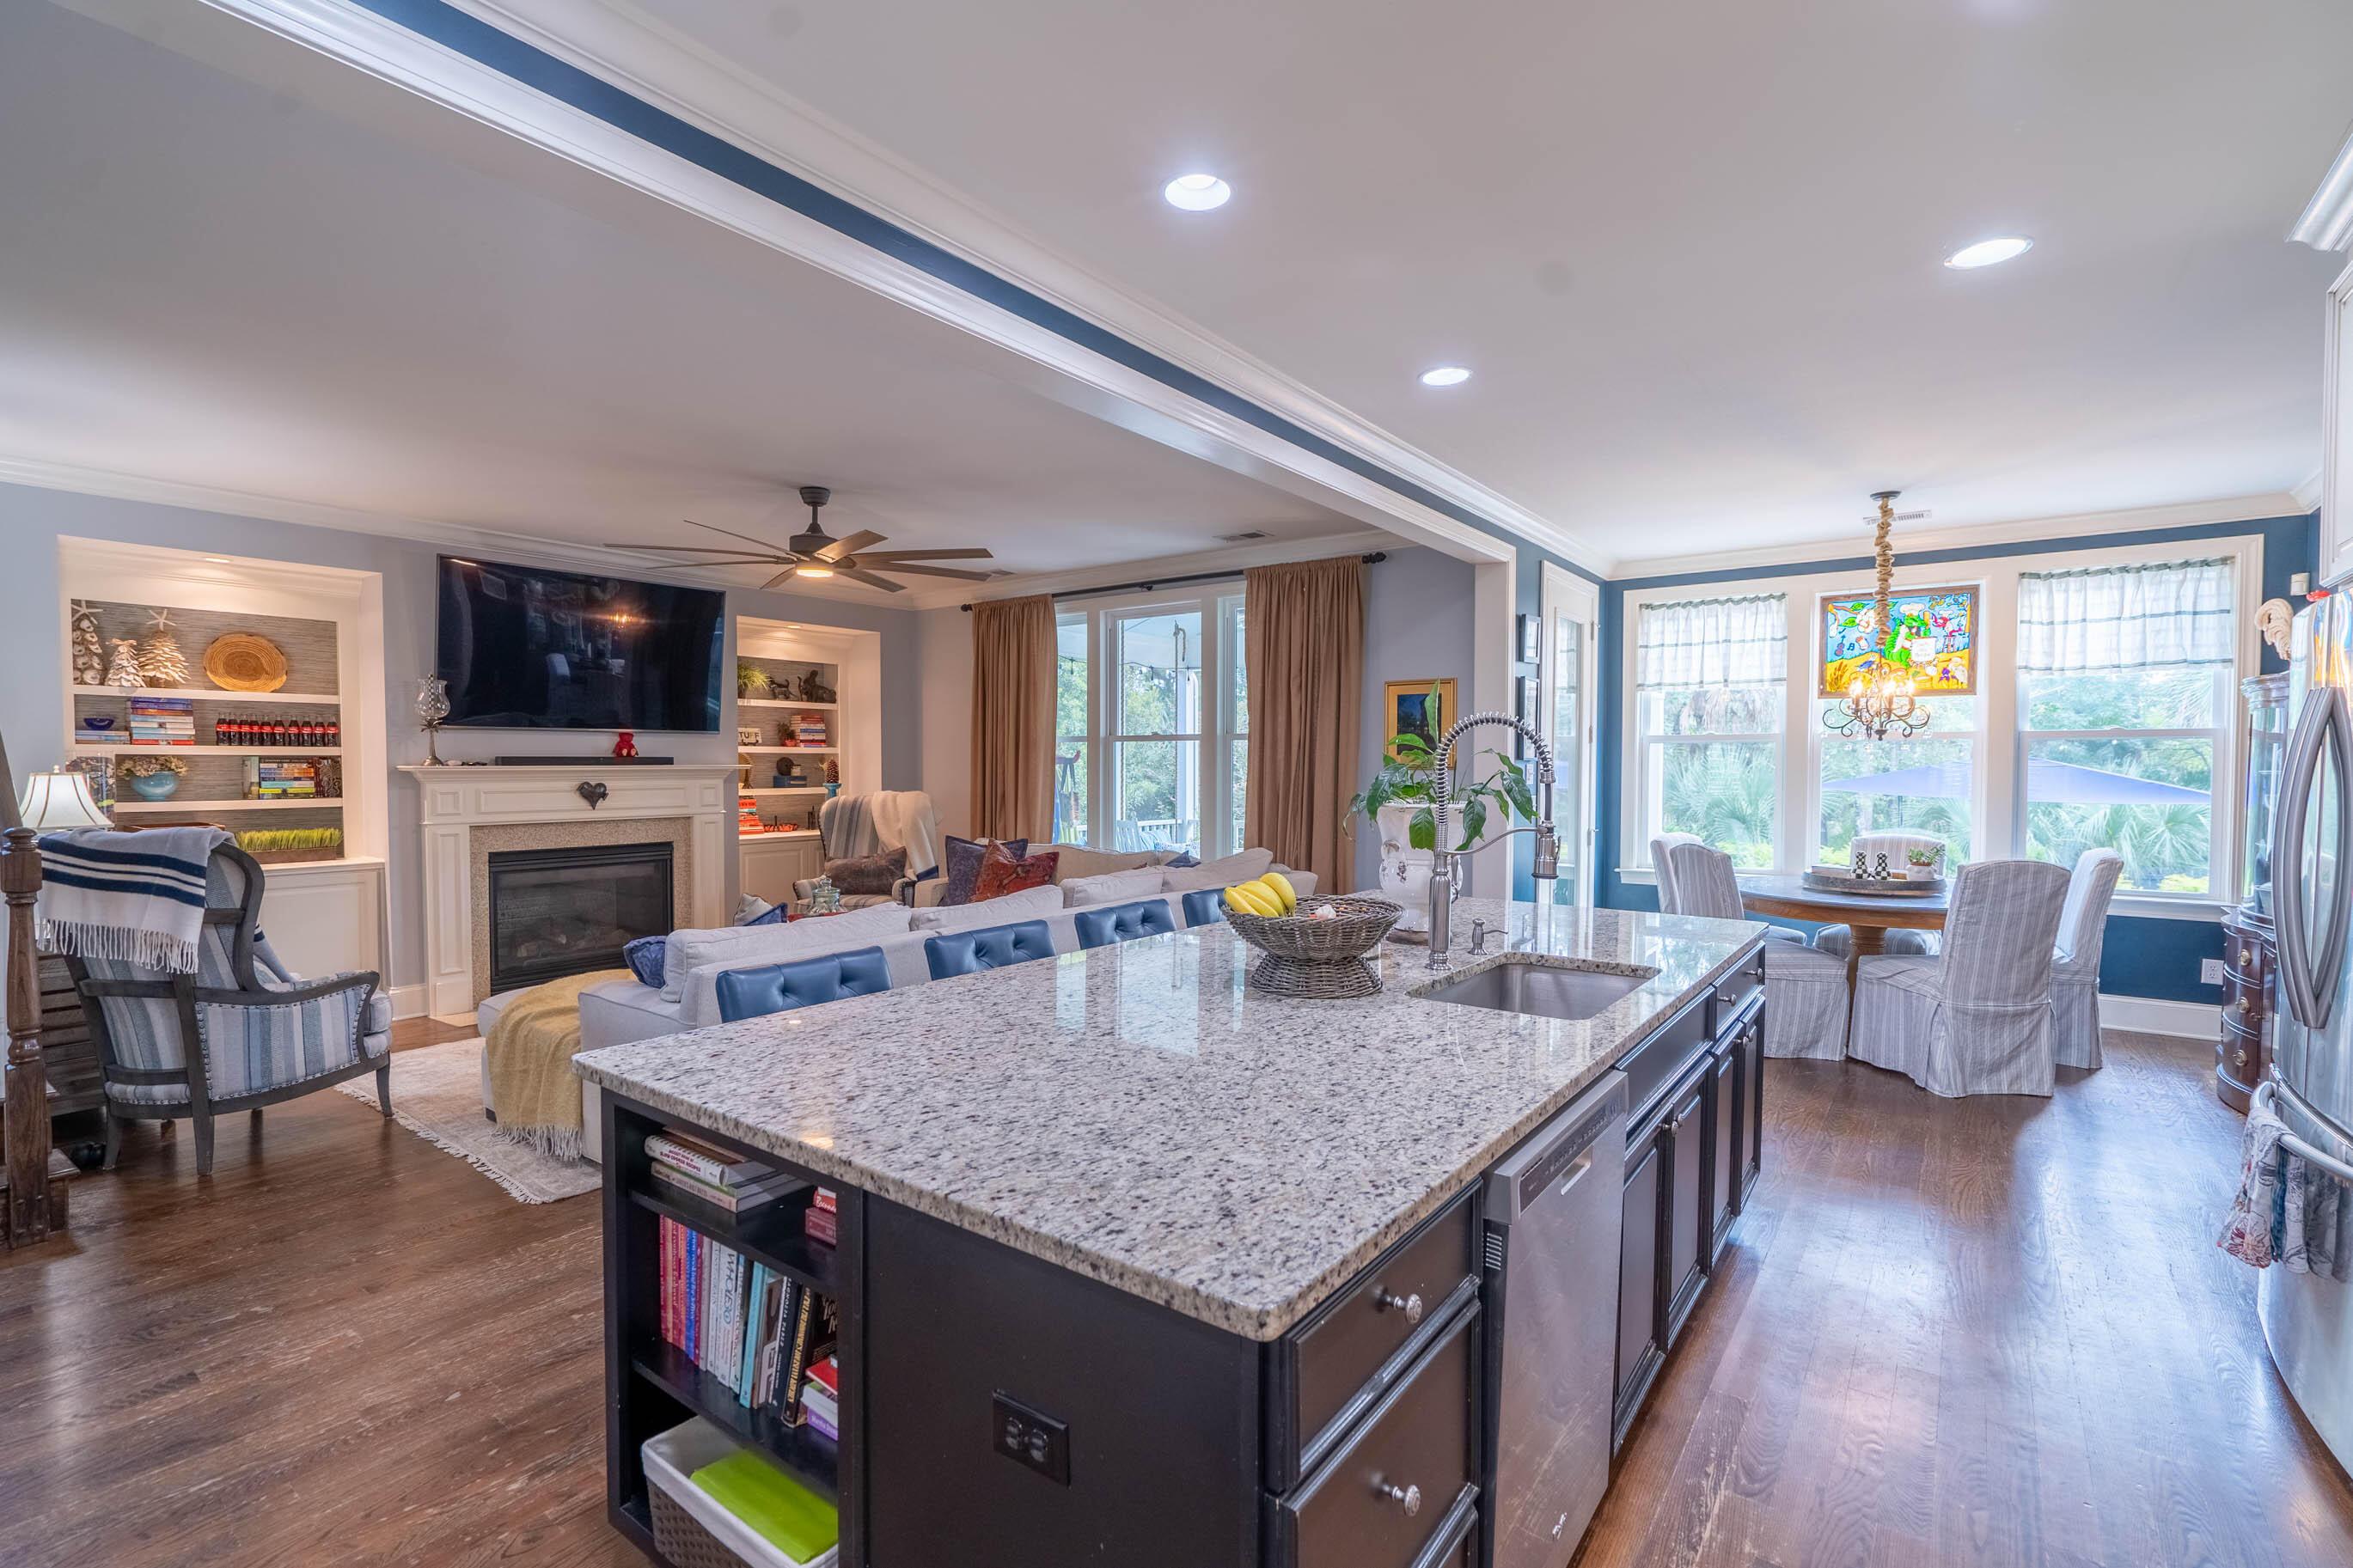 Dunes West Homes For Sale - 2997 Sturbridge, Mount Pleasant, SC - 3